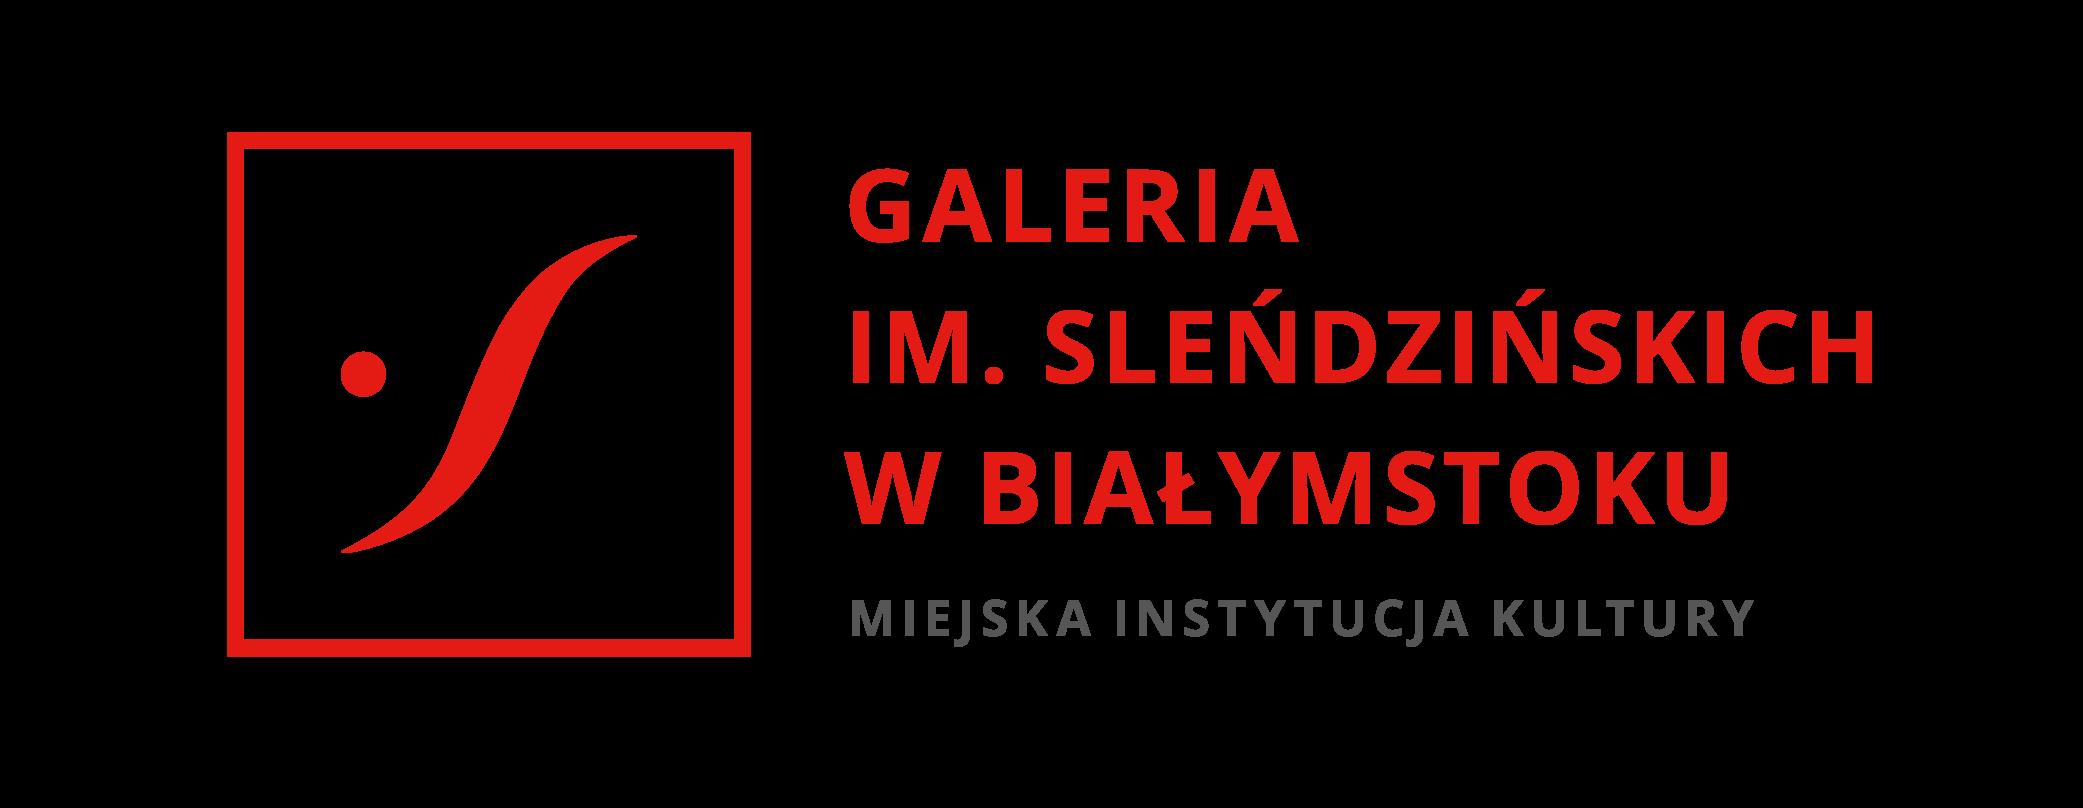 Galeria Sleńdzińskich